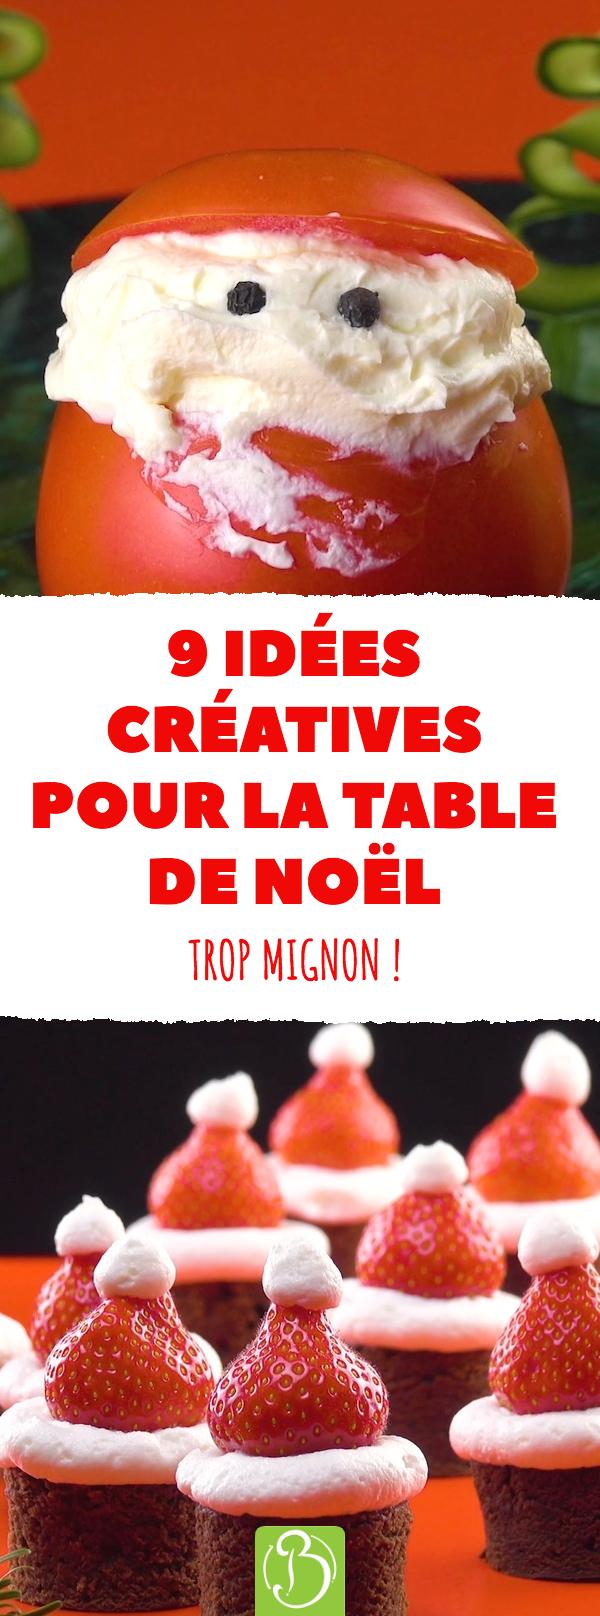 12 idées créatives pour la table de Noël. Trop mignon  repas ...